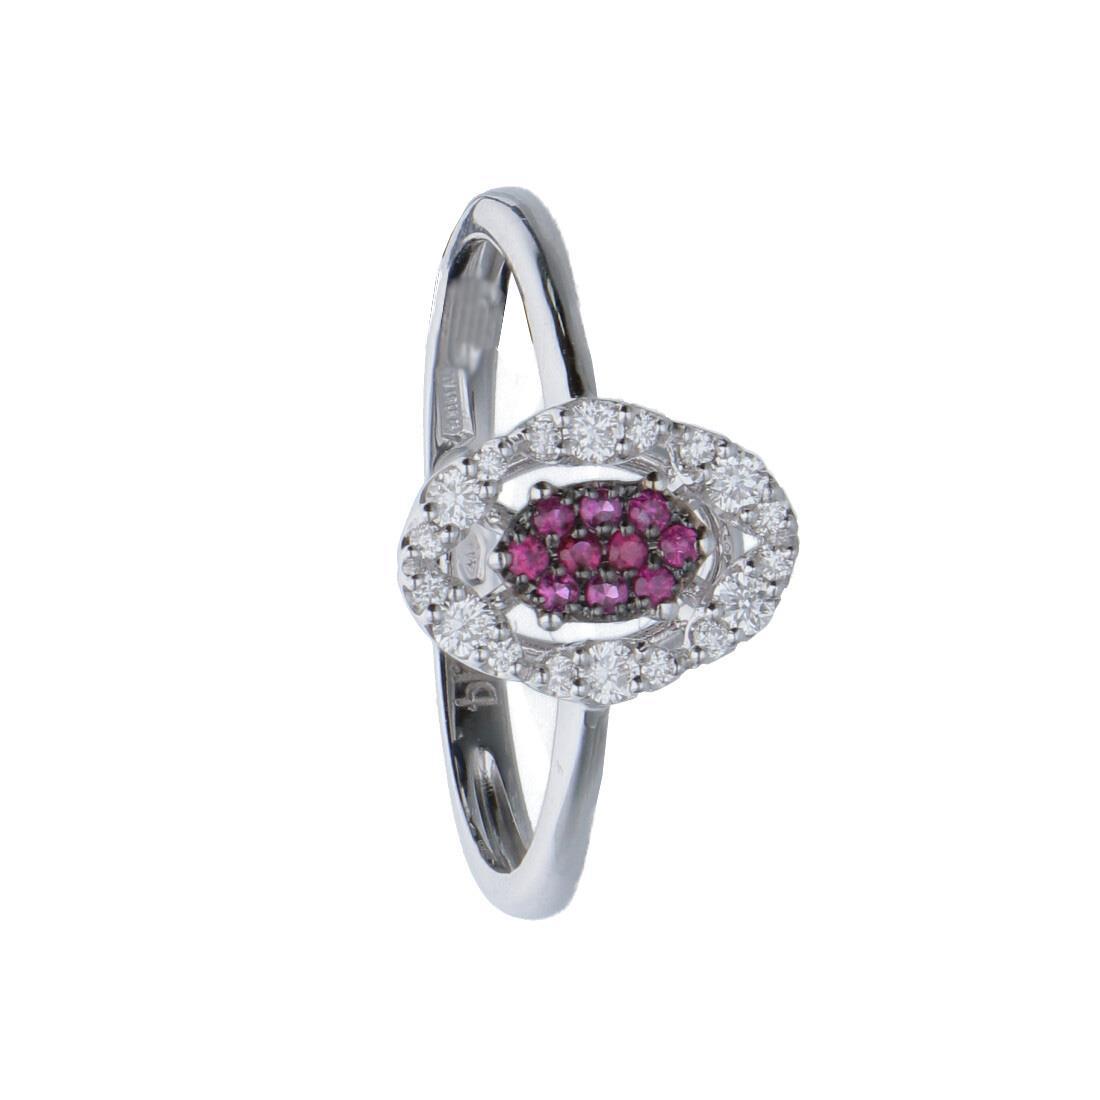 Anello in oro bianco con diamanti ct 0.18 e rubini mis 13 - BLISS